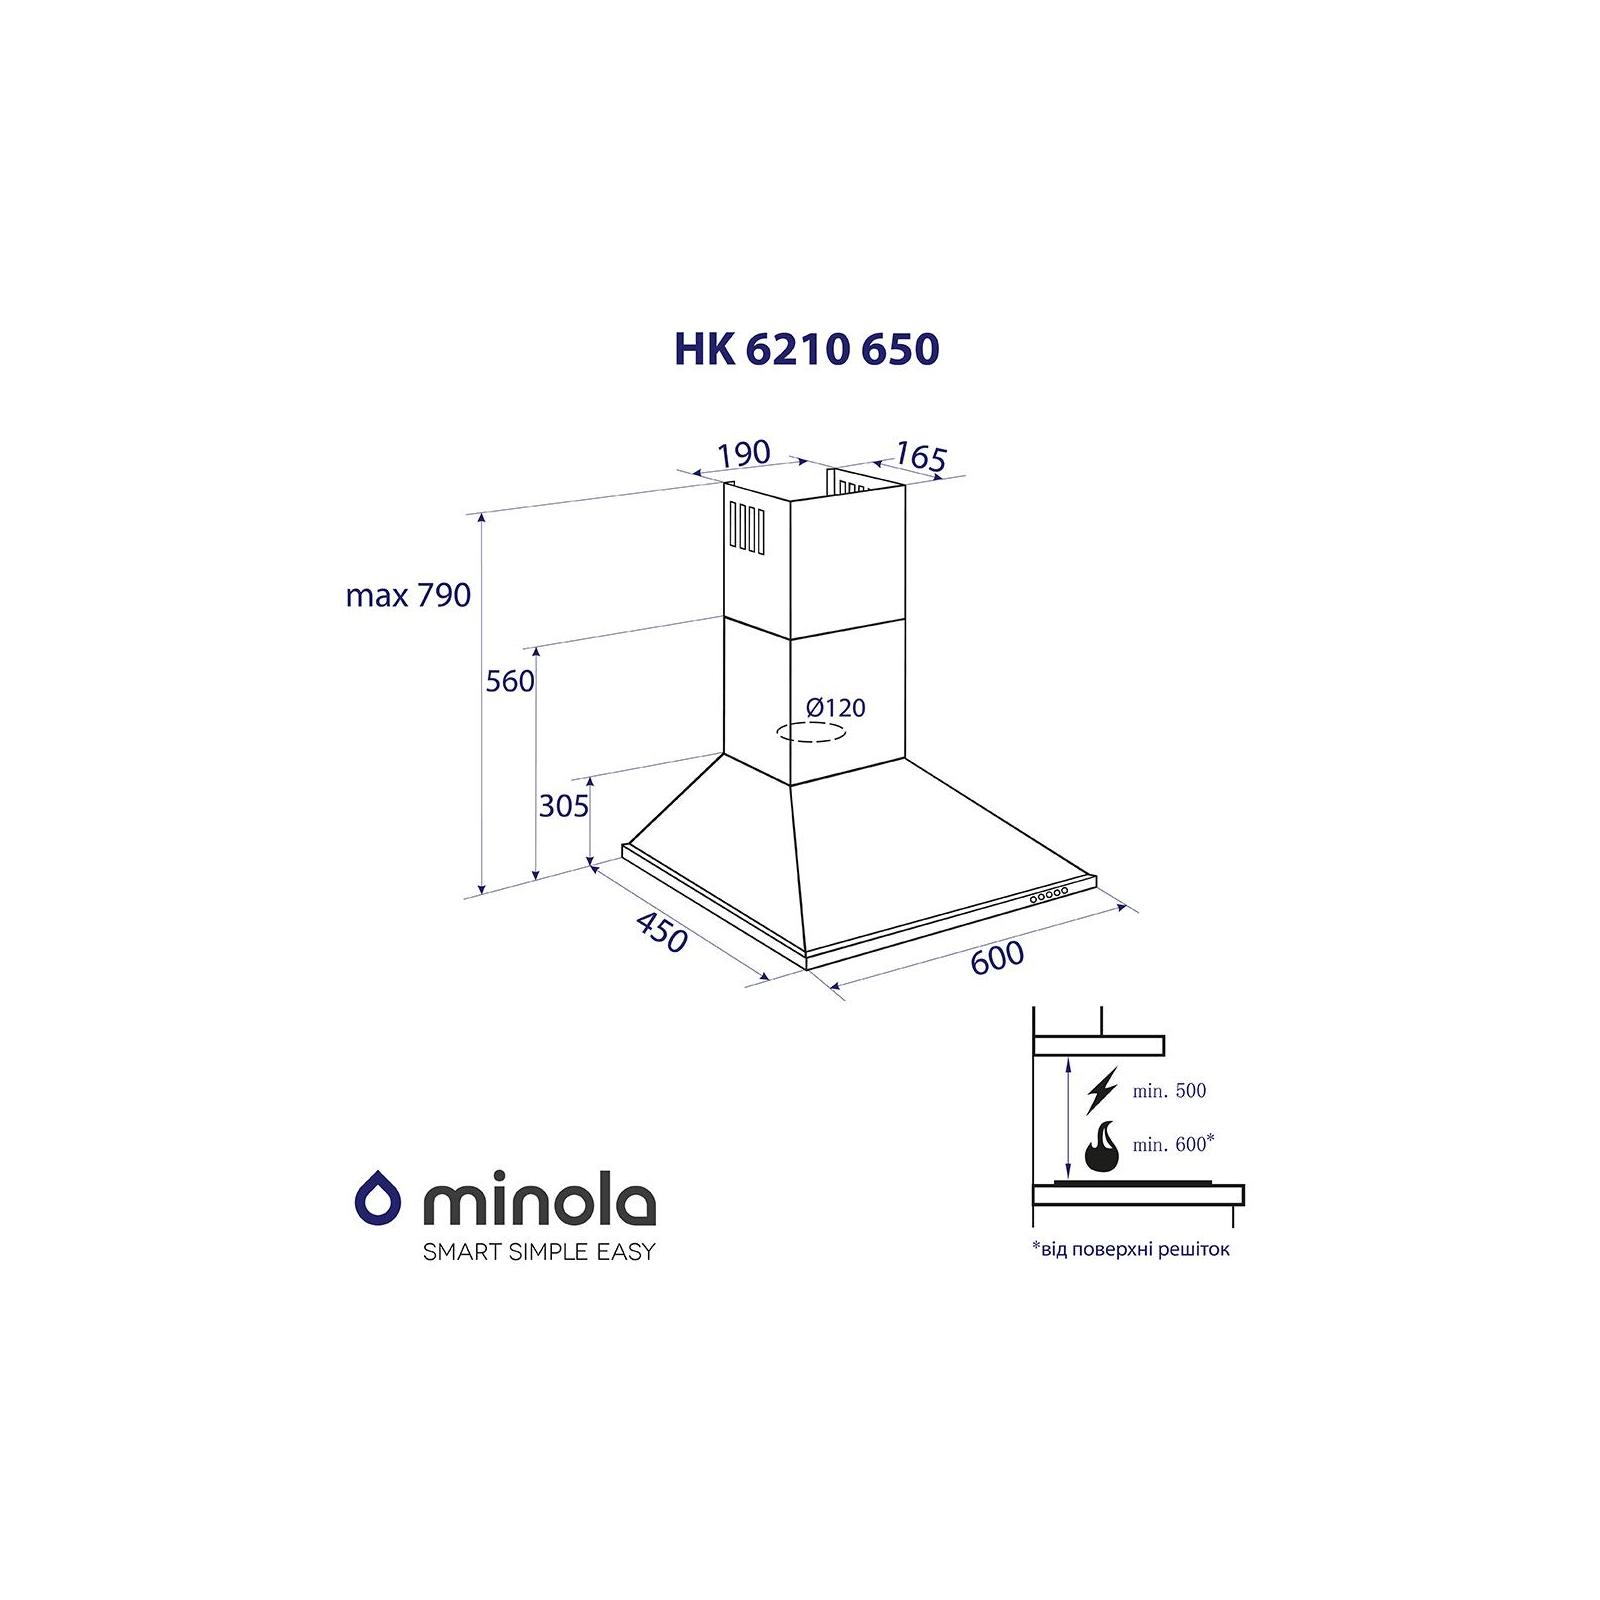 Вытяжка кухонная MINOLA HK 6210 WH 650 изображение 7